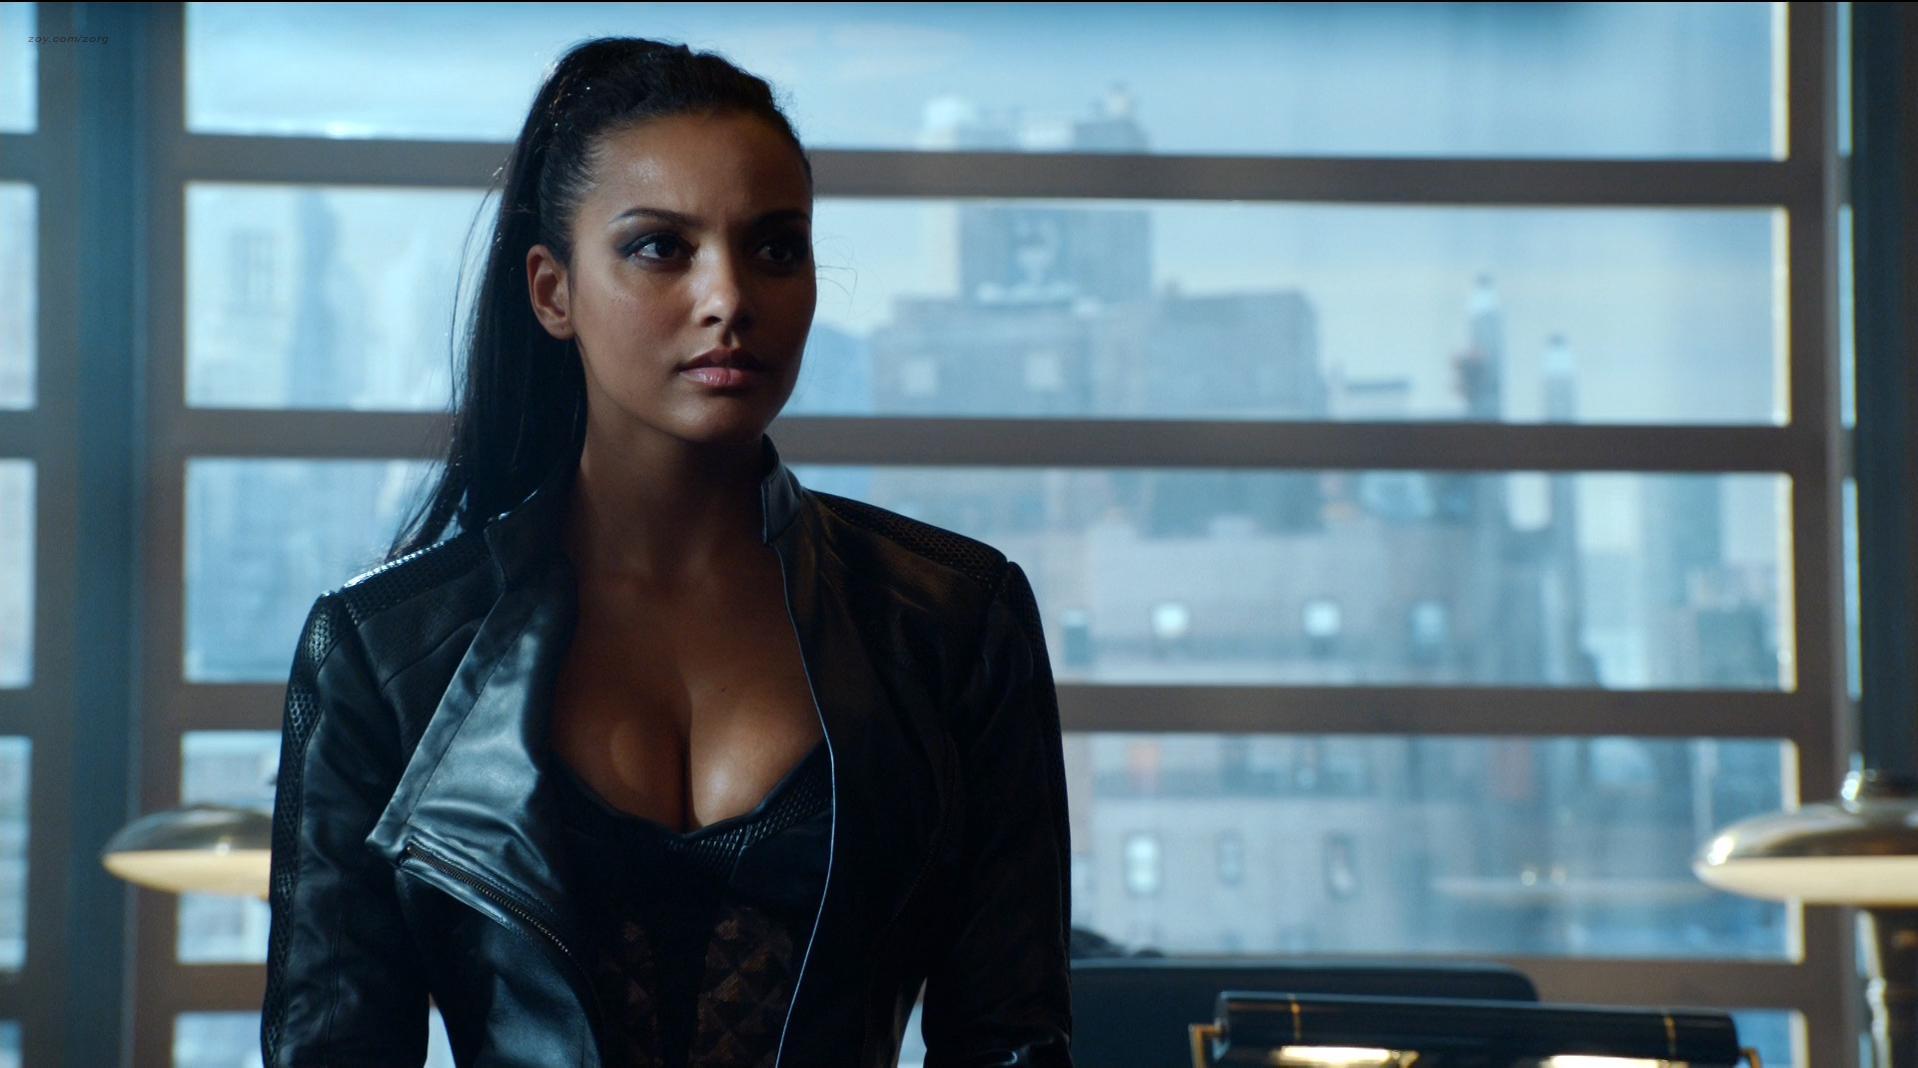 Morena Baccarin sexy, Jessica Lucas sexy - Gotham s02e01 (2015)